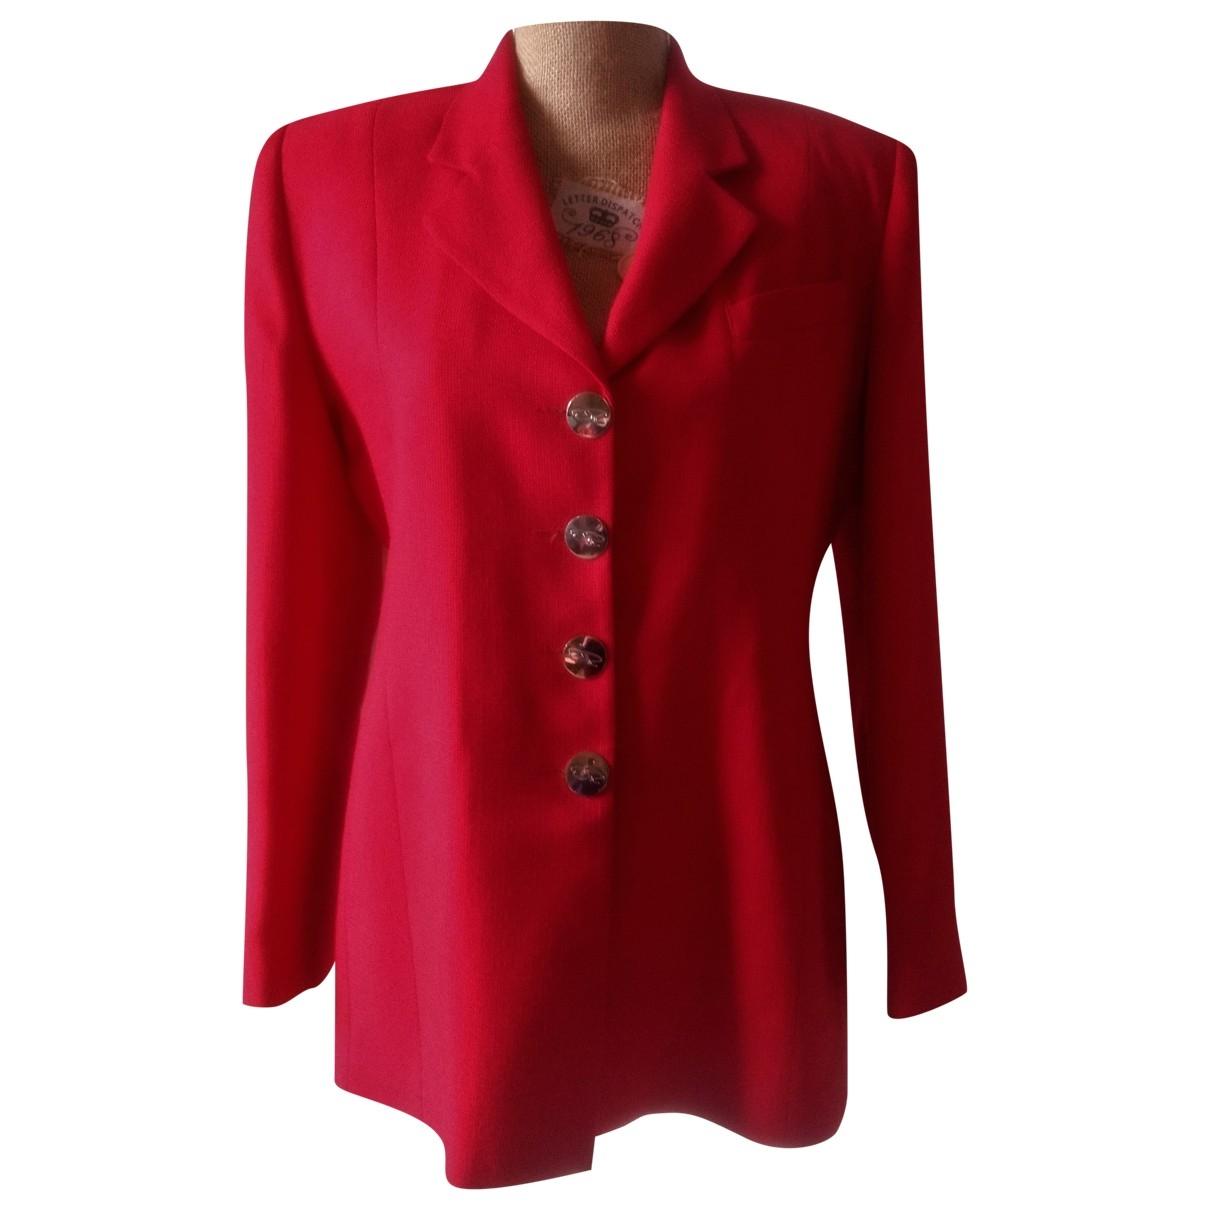 Oscar De La Renta - Veste   pour femme en coton - rouge